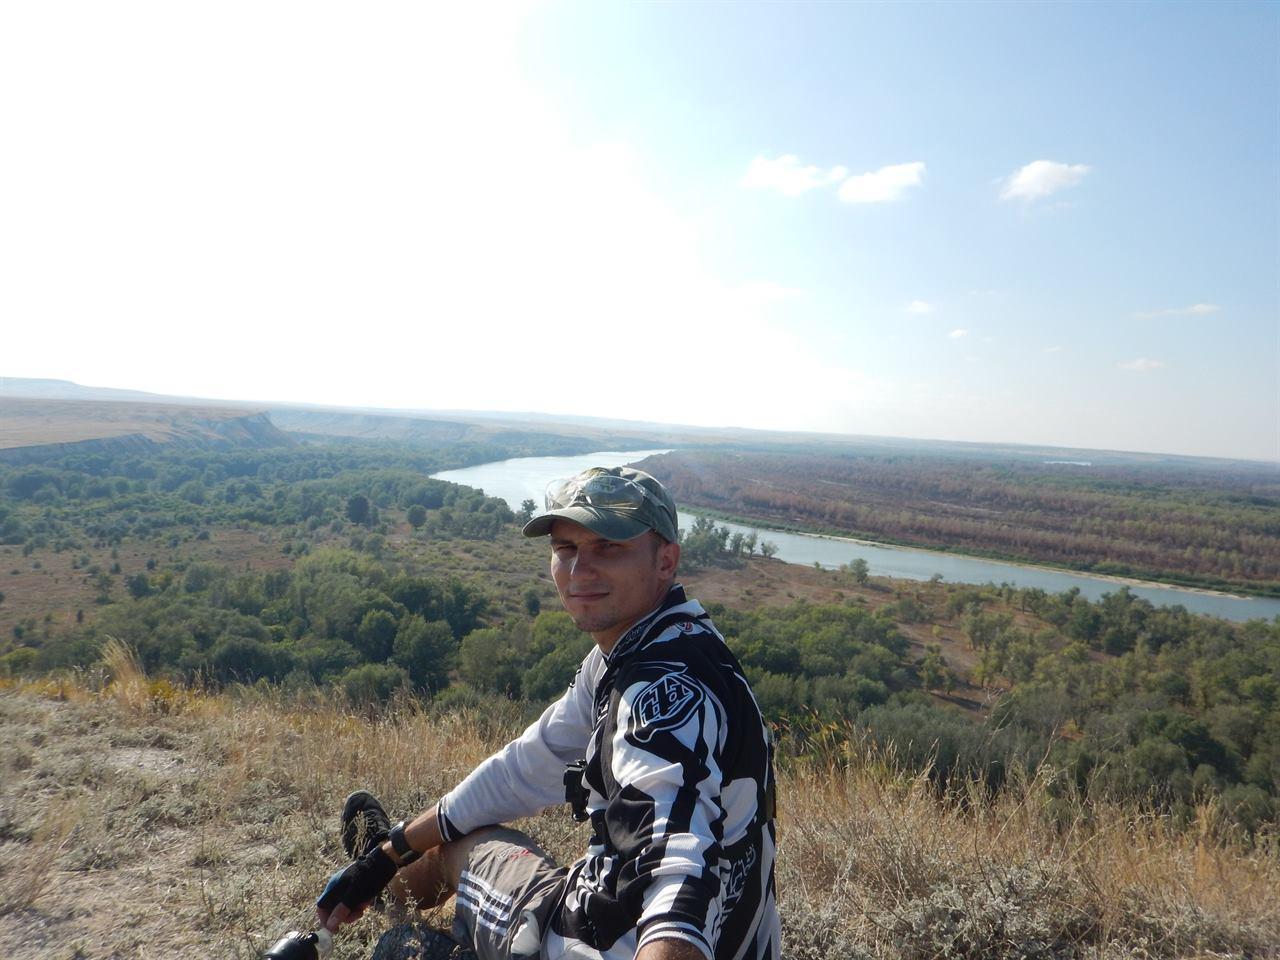 На фоне реки турист